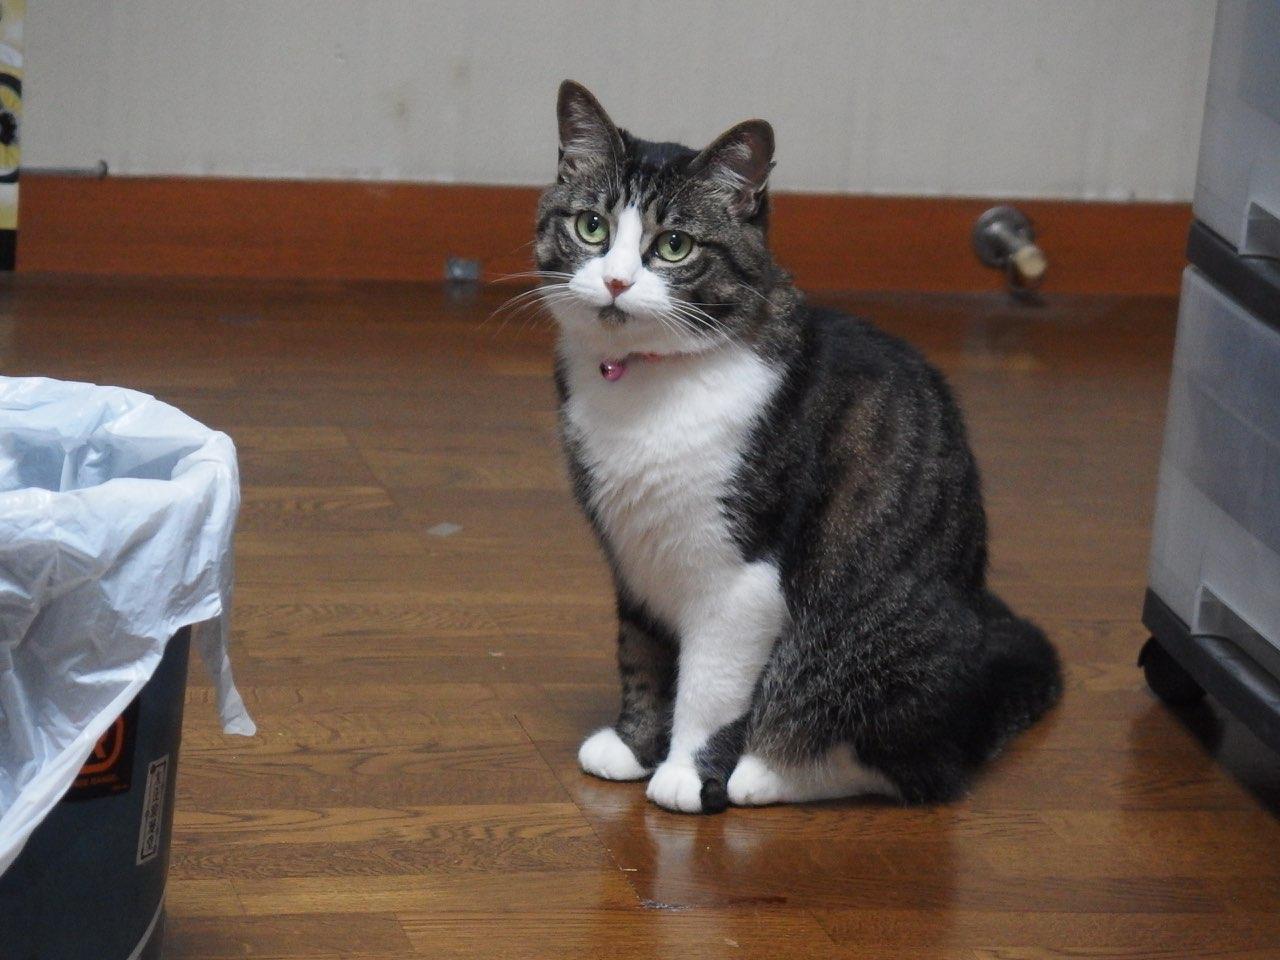 【猫】振り向けば_f0141609_118499.jpg